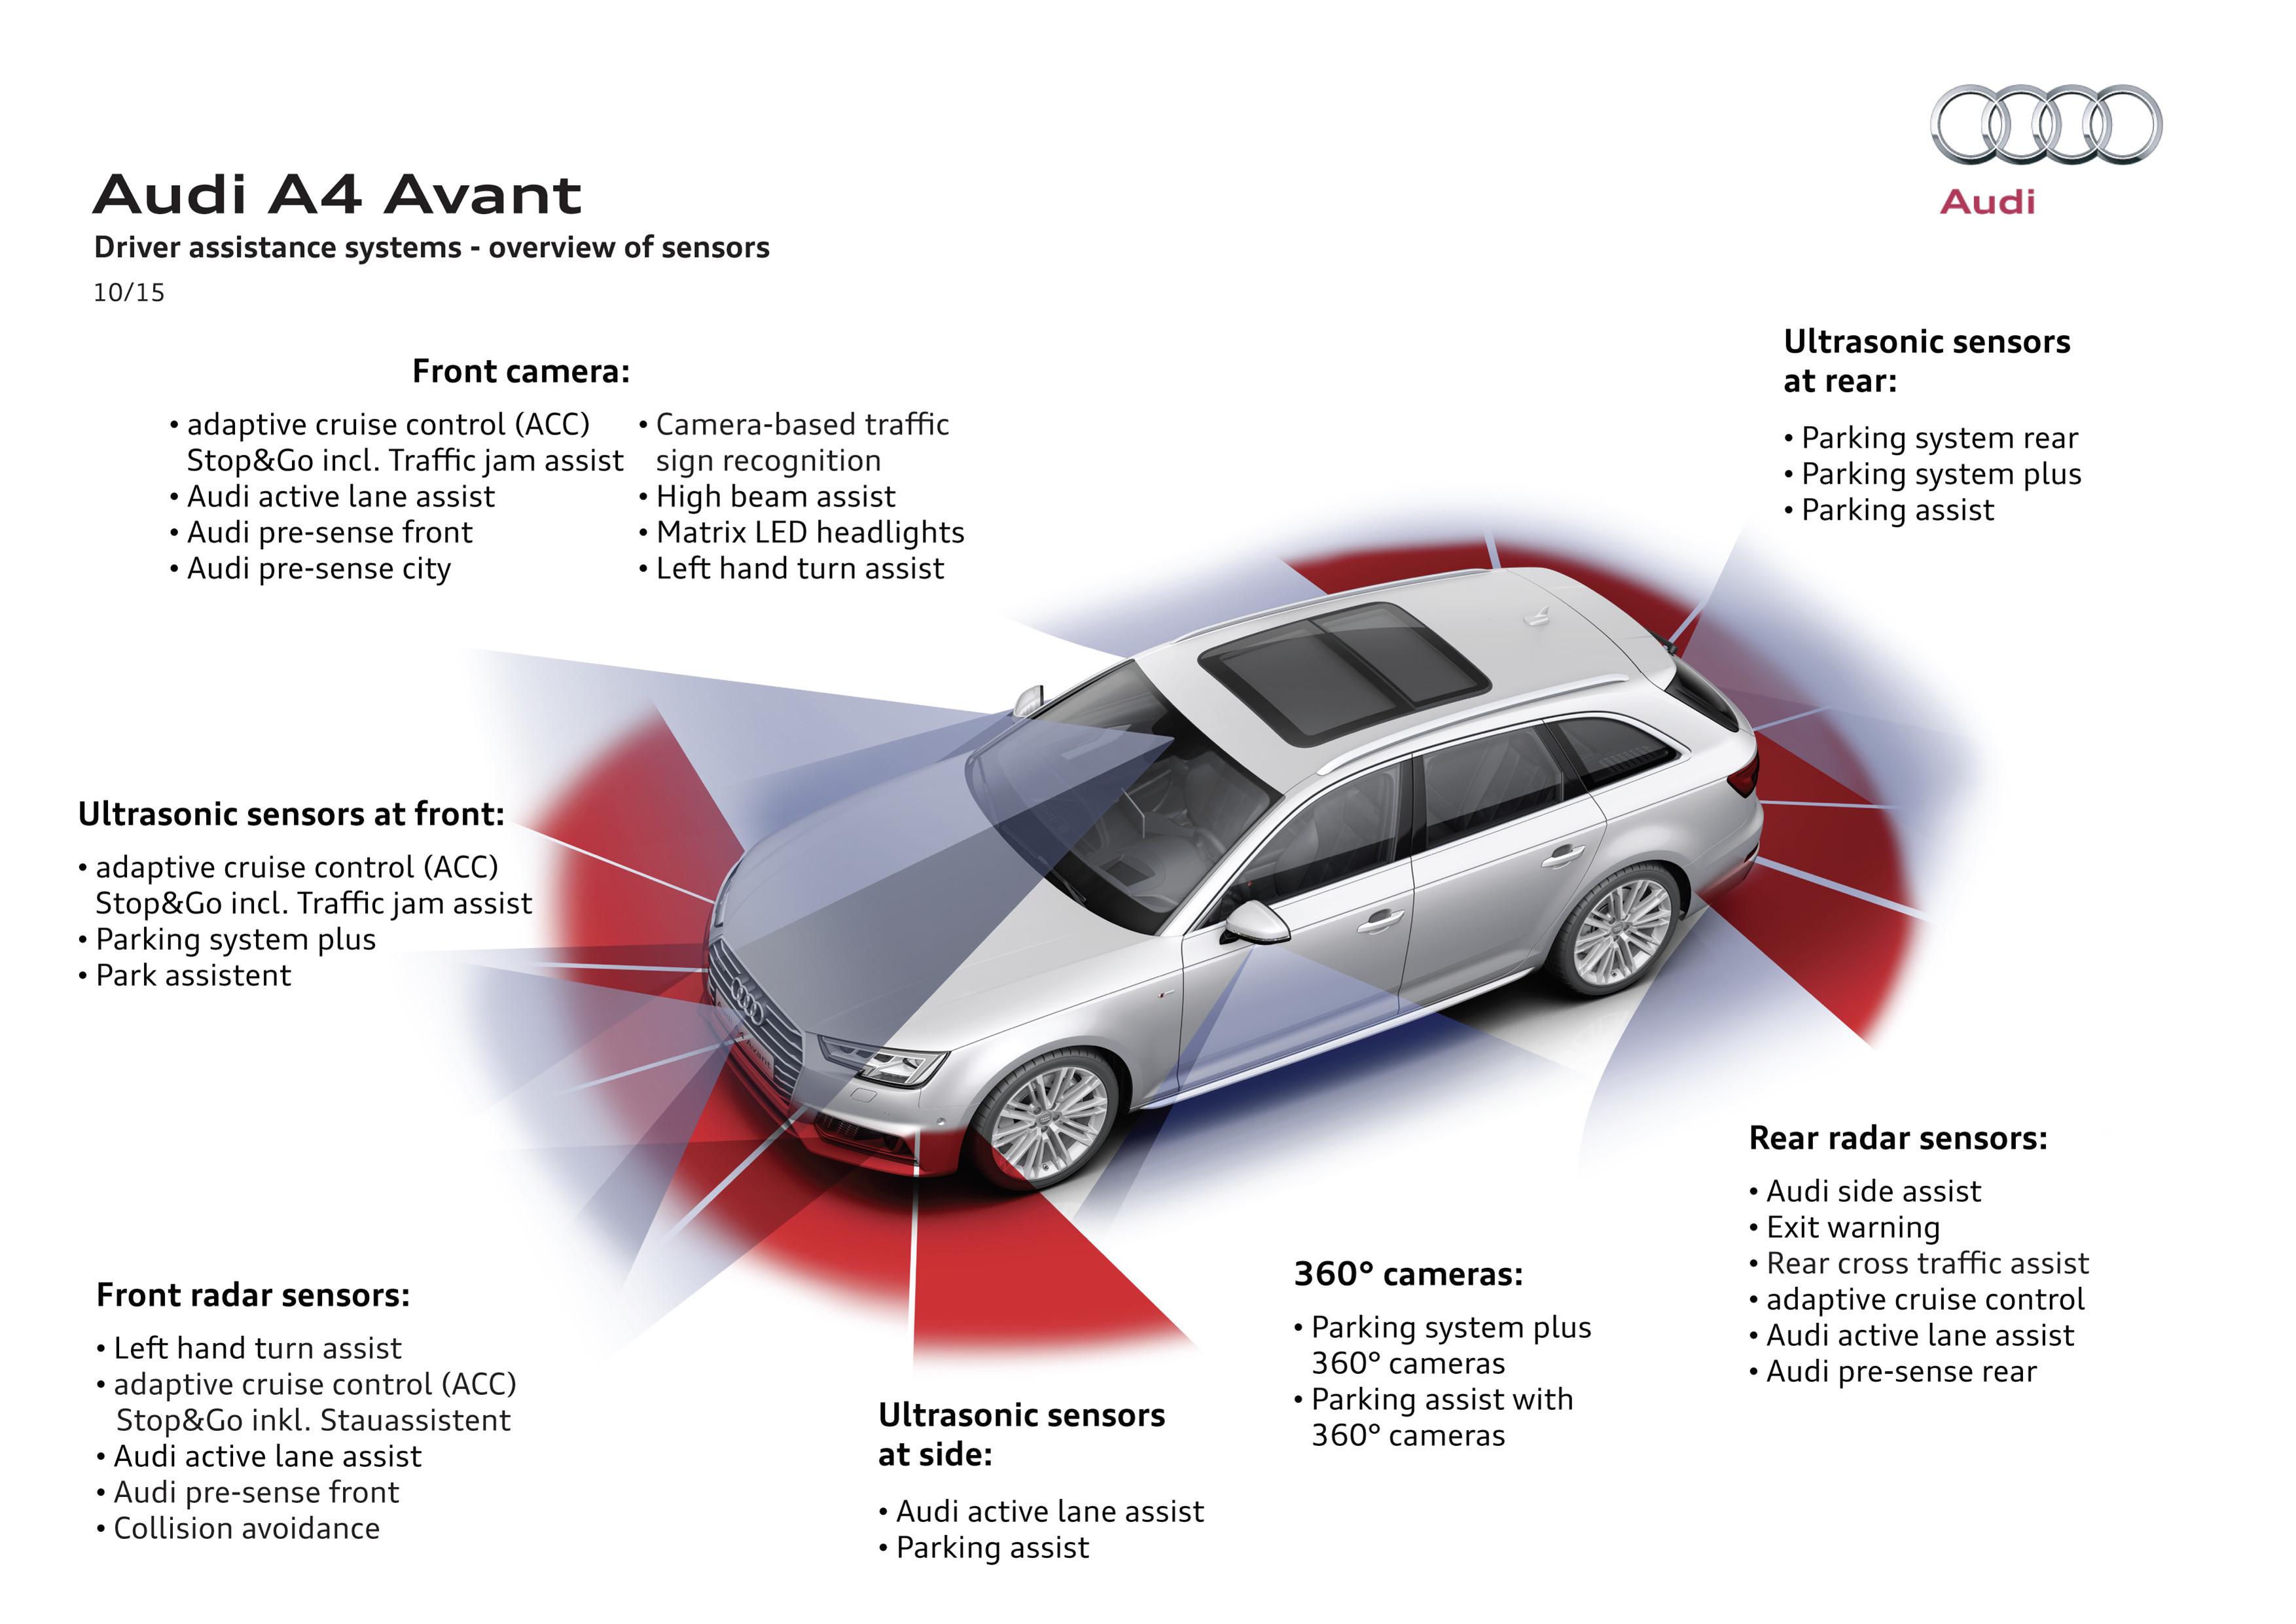 audi q7 e tron nous avons test la conduite semi autonome de cette voiture hybride frandroid. Black Bedroom Furniture Sets. Home Design Ideas